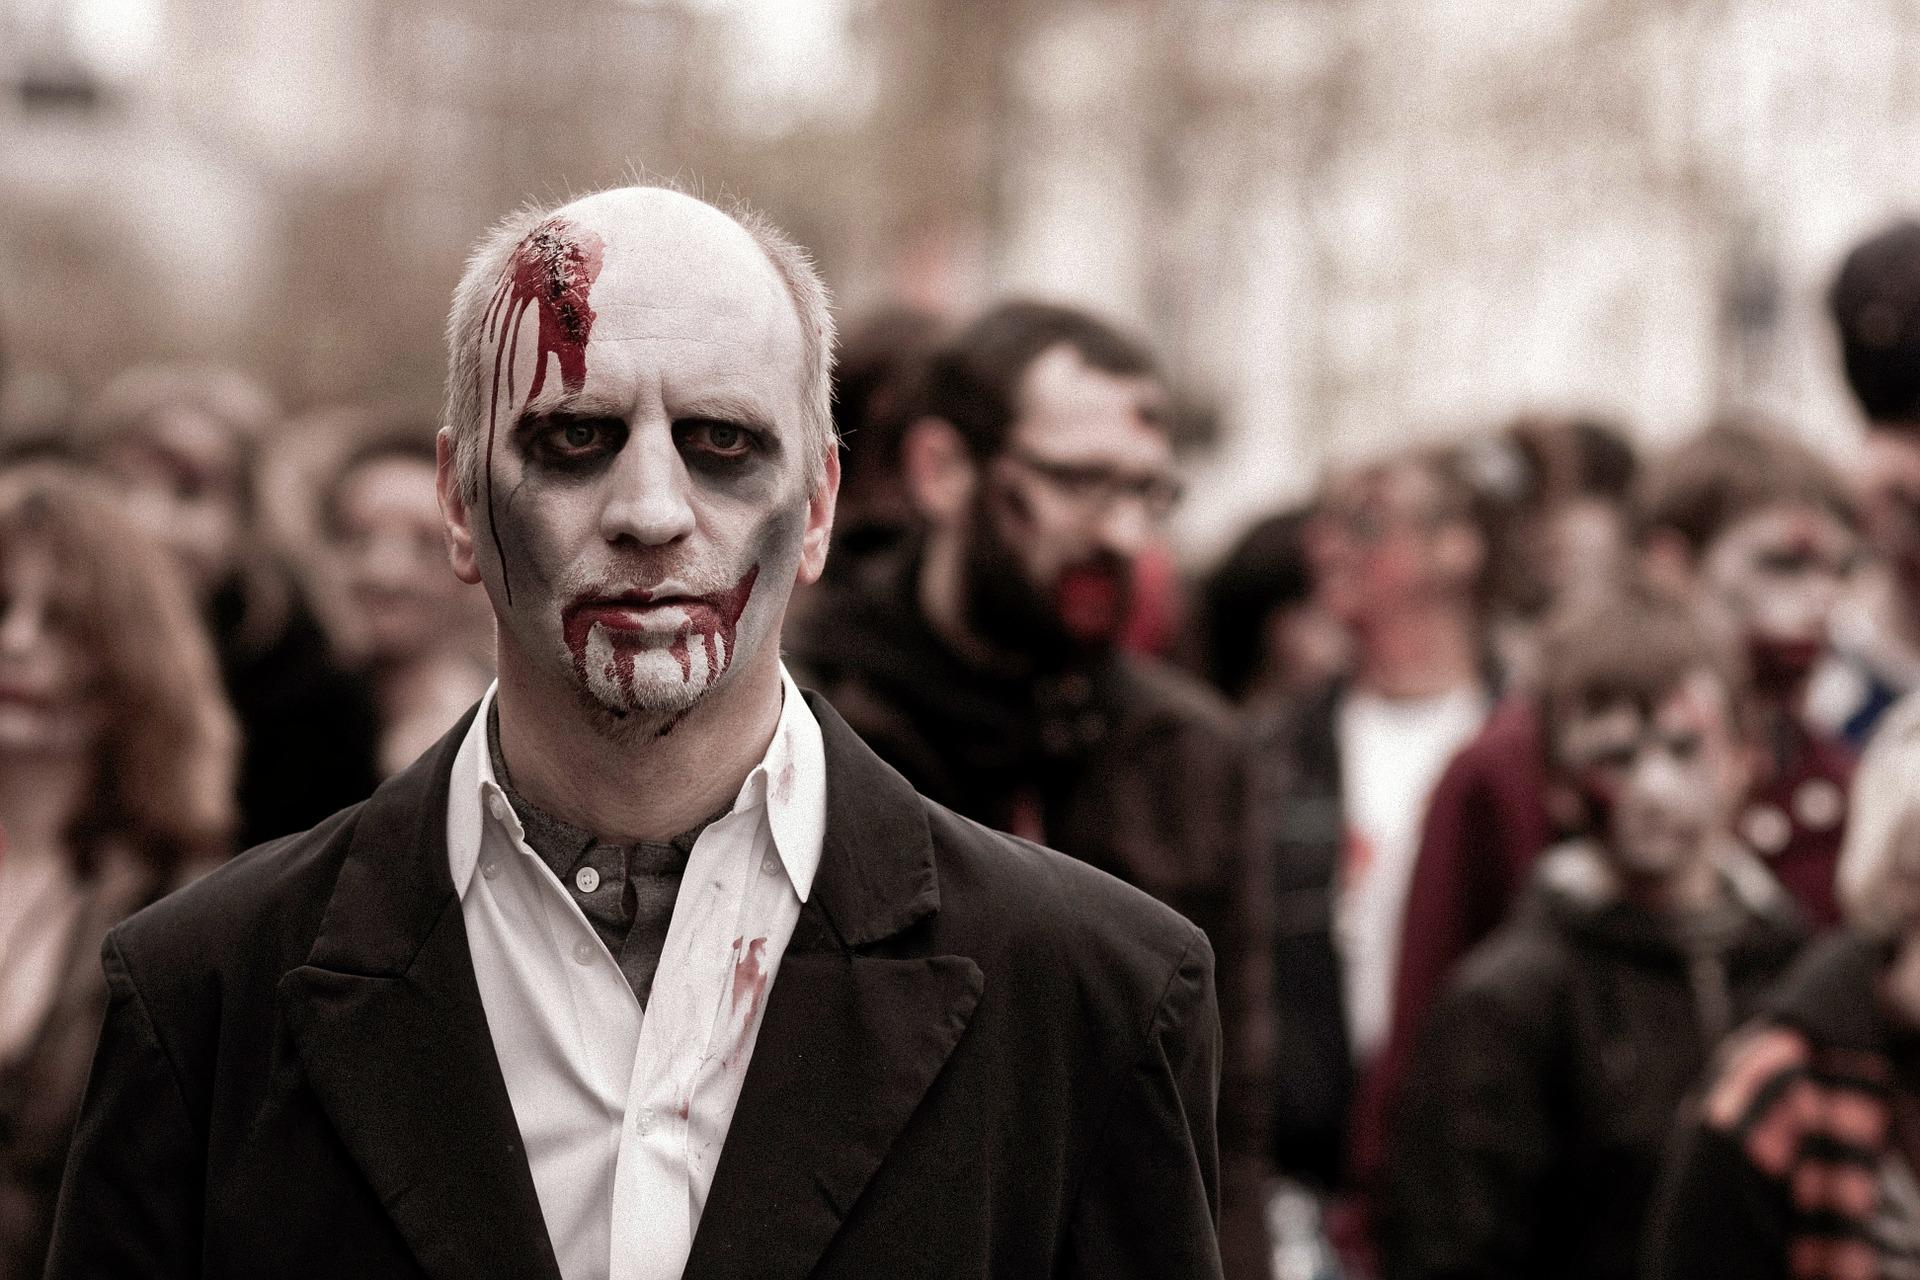 Zombies sind unbewusst nur auf der Suche nach Liebe oder Gehirn